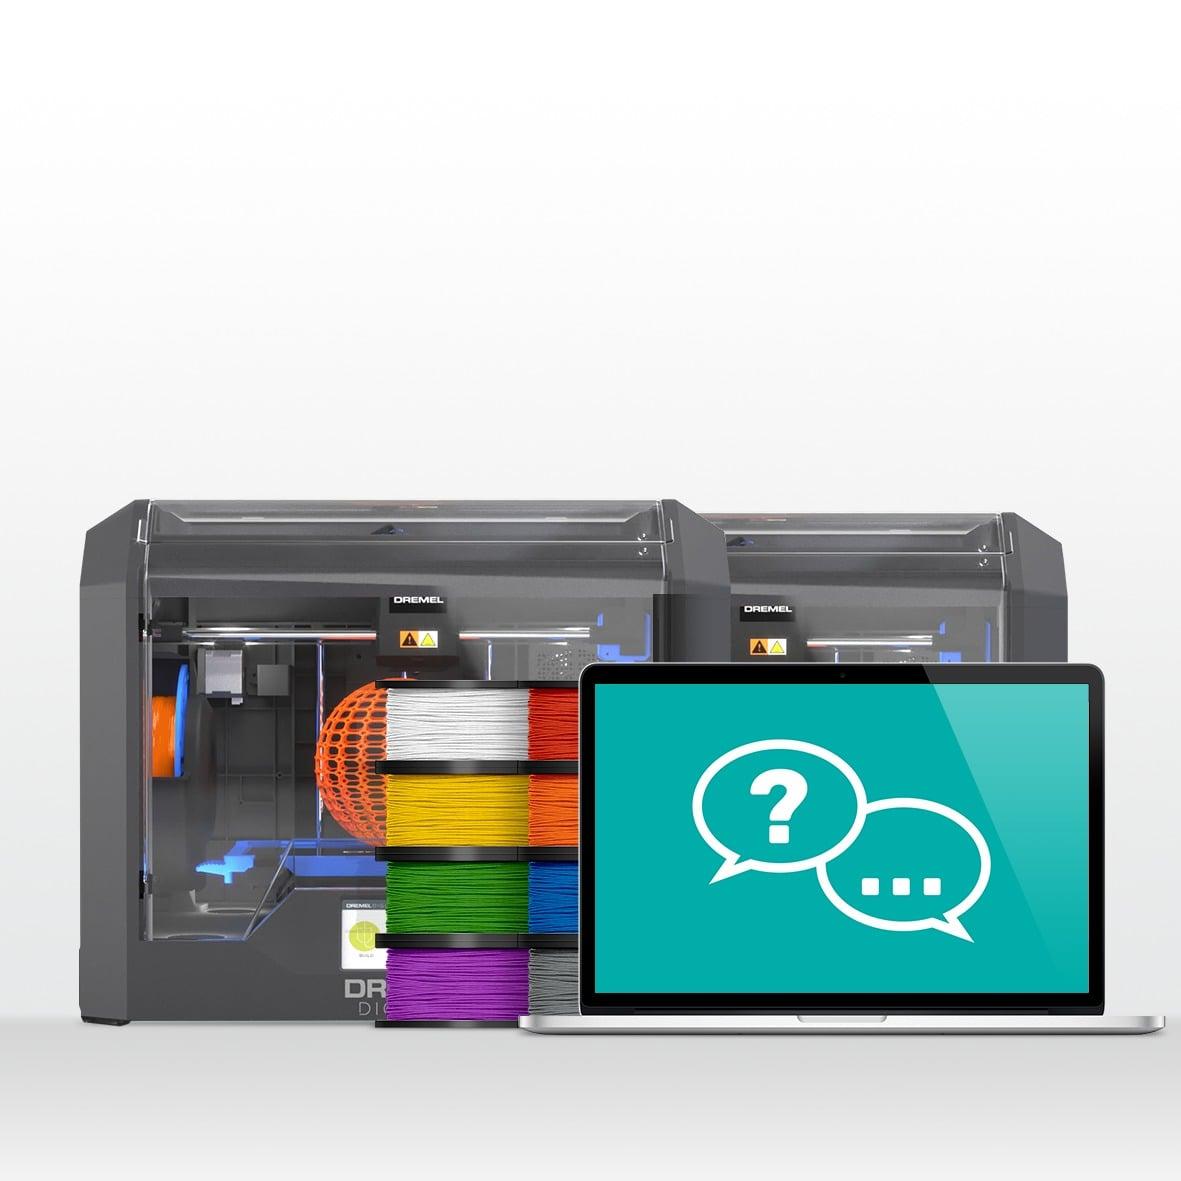 MAK_Shop_1902_3D45 2 Printer Bundle